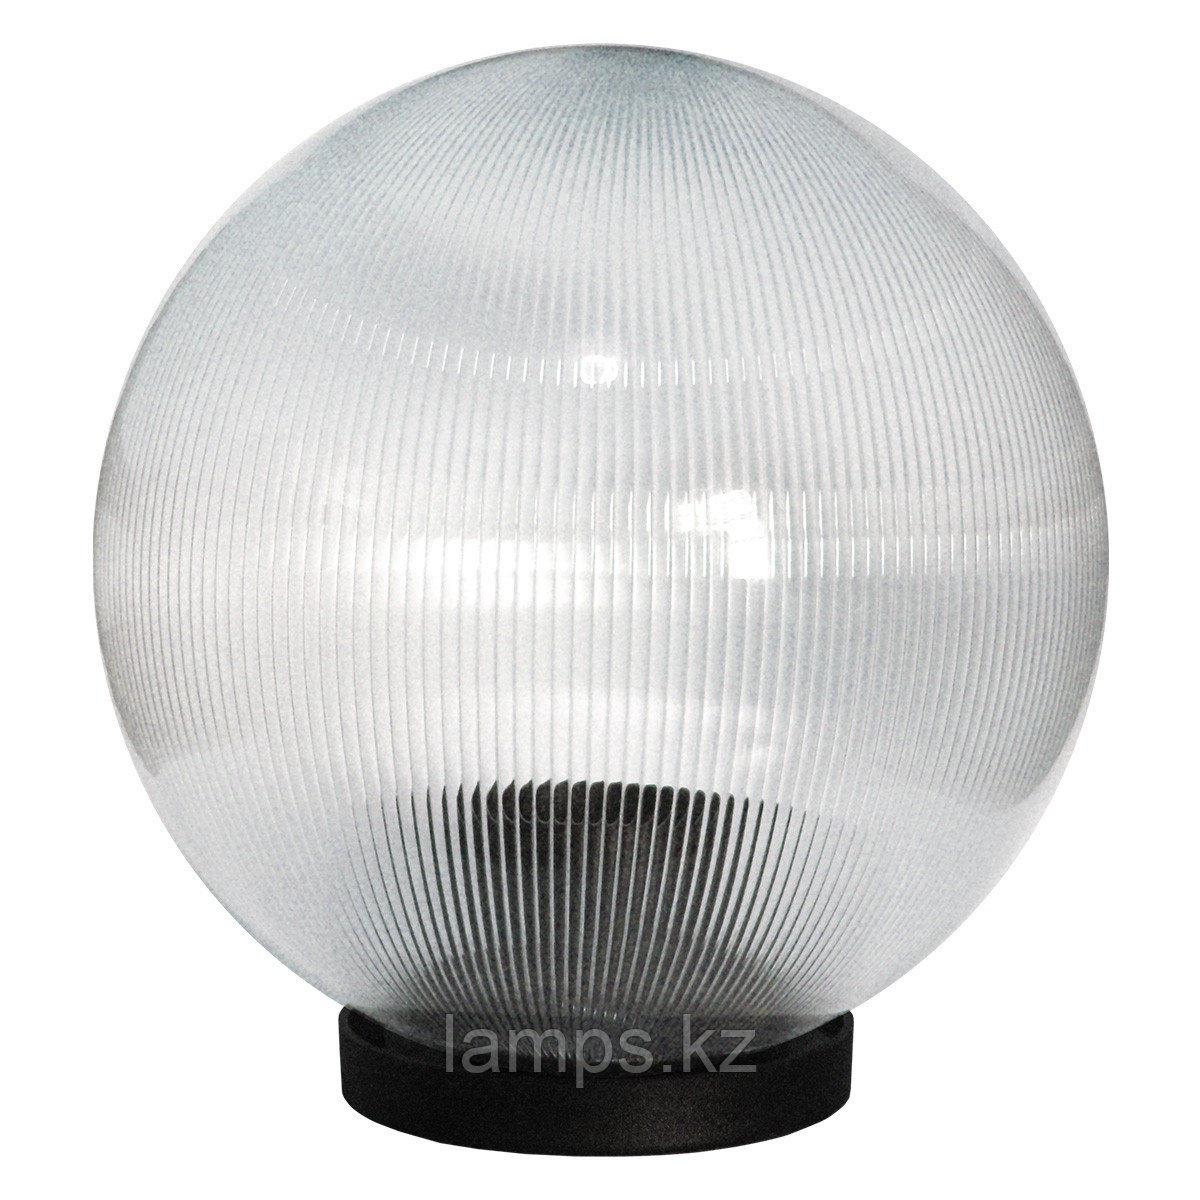 Плафон для садово-паркового уличного светильника D 300 PRIZMATIK